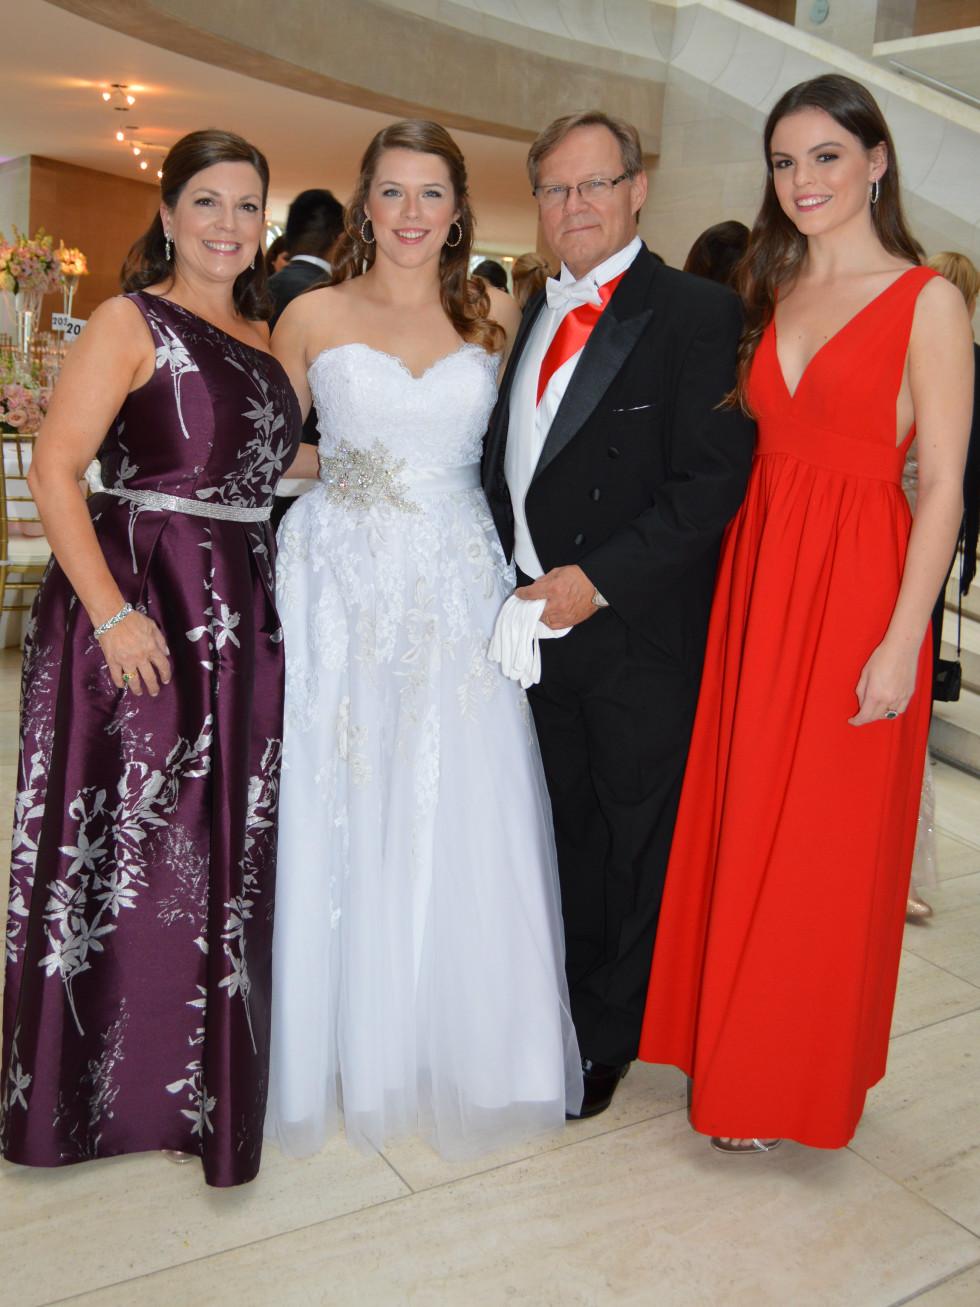 The Davis family: Mia, Mary Catherine, Ron and Gracie